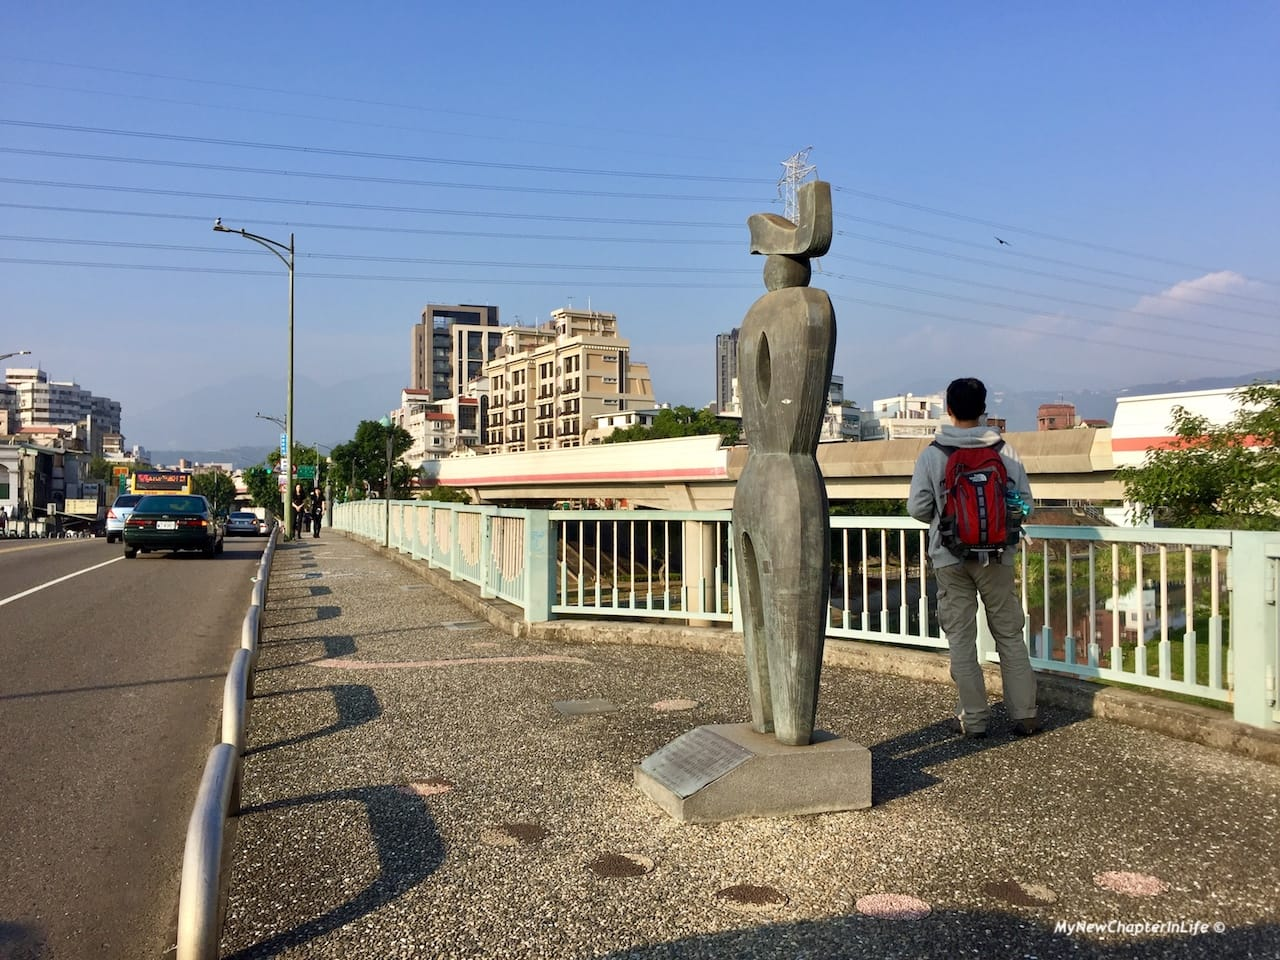 士林橋 Shilin Bridge